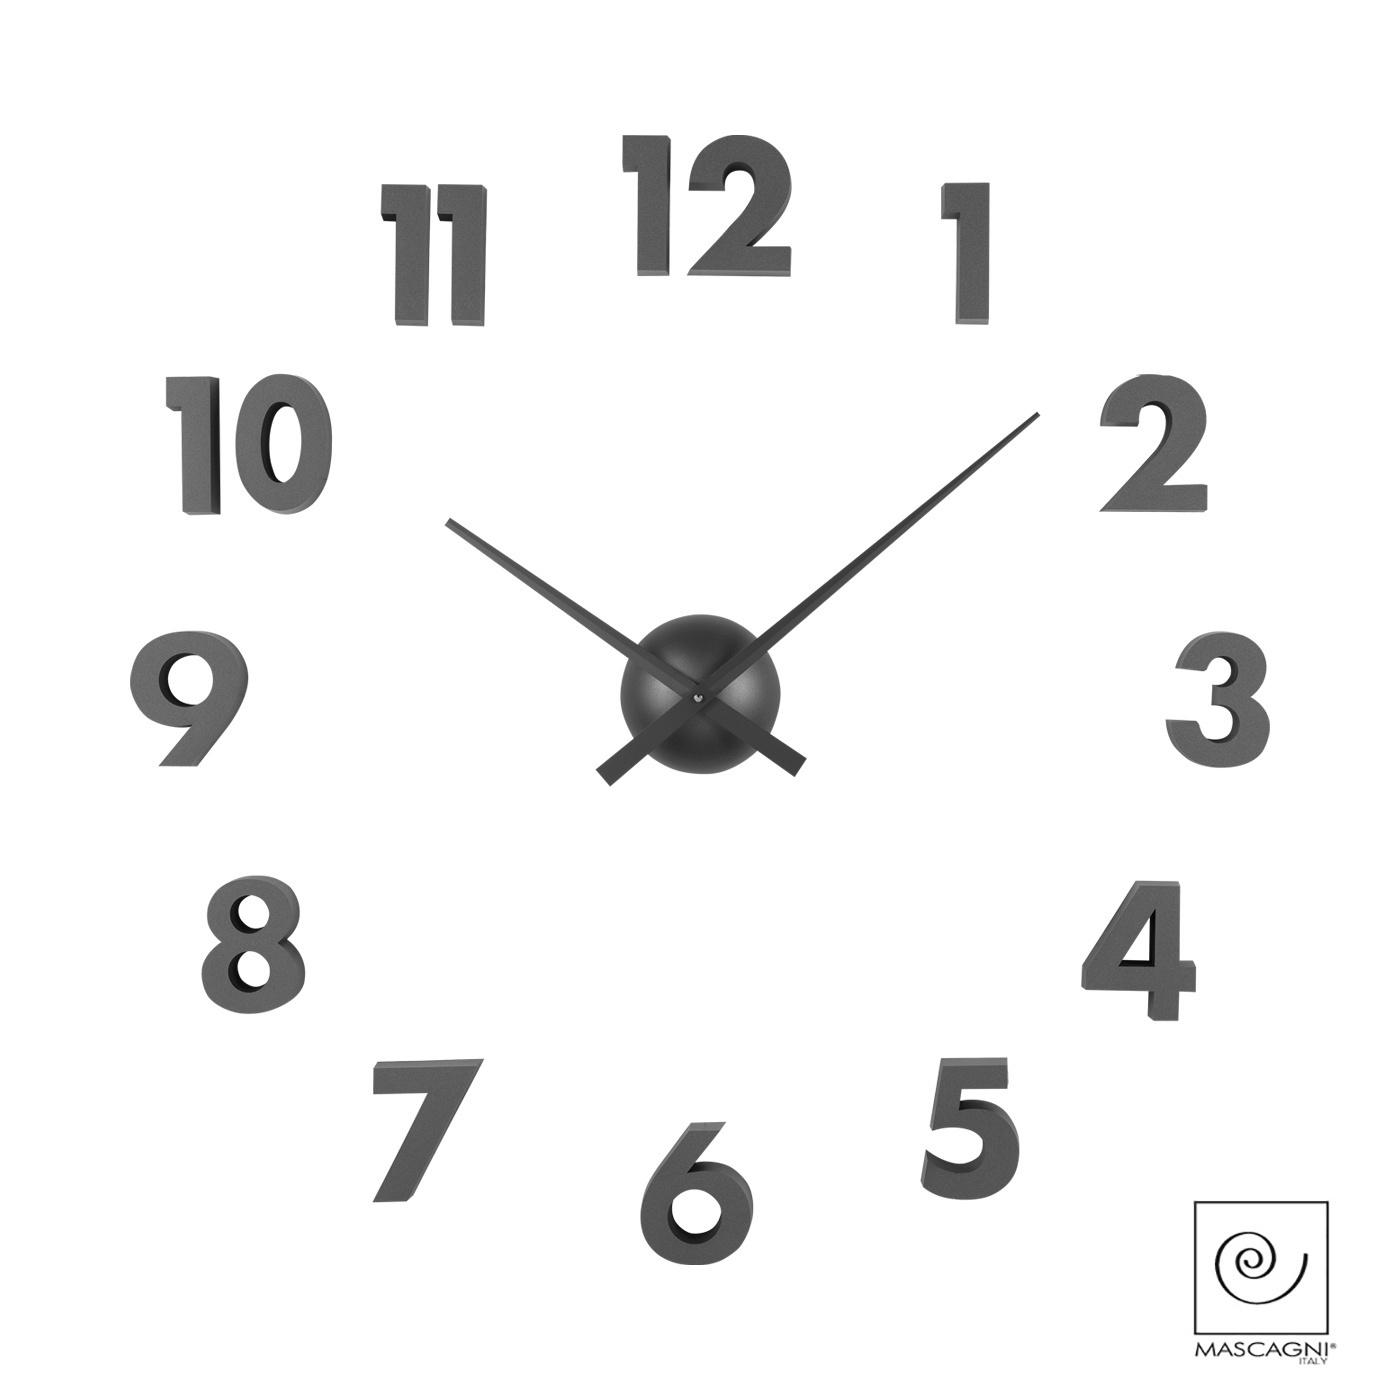 Art Mascagni M580 CLOCK DIAM.60 - COL. GUNMETAL